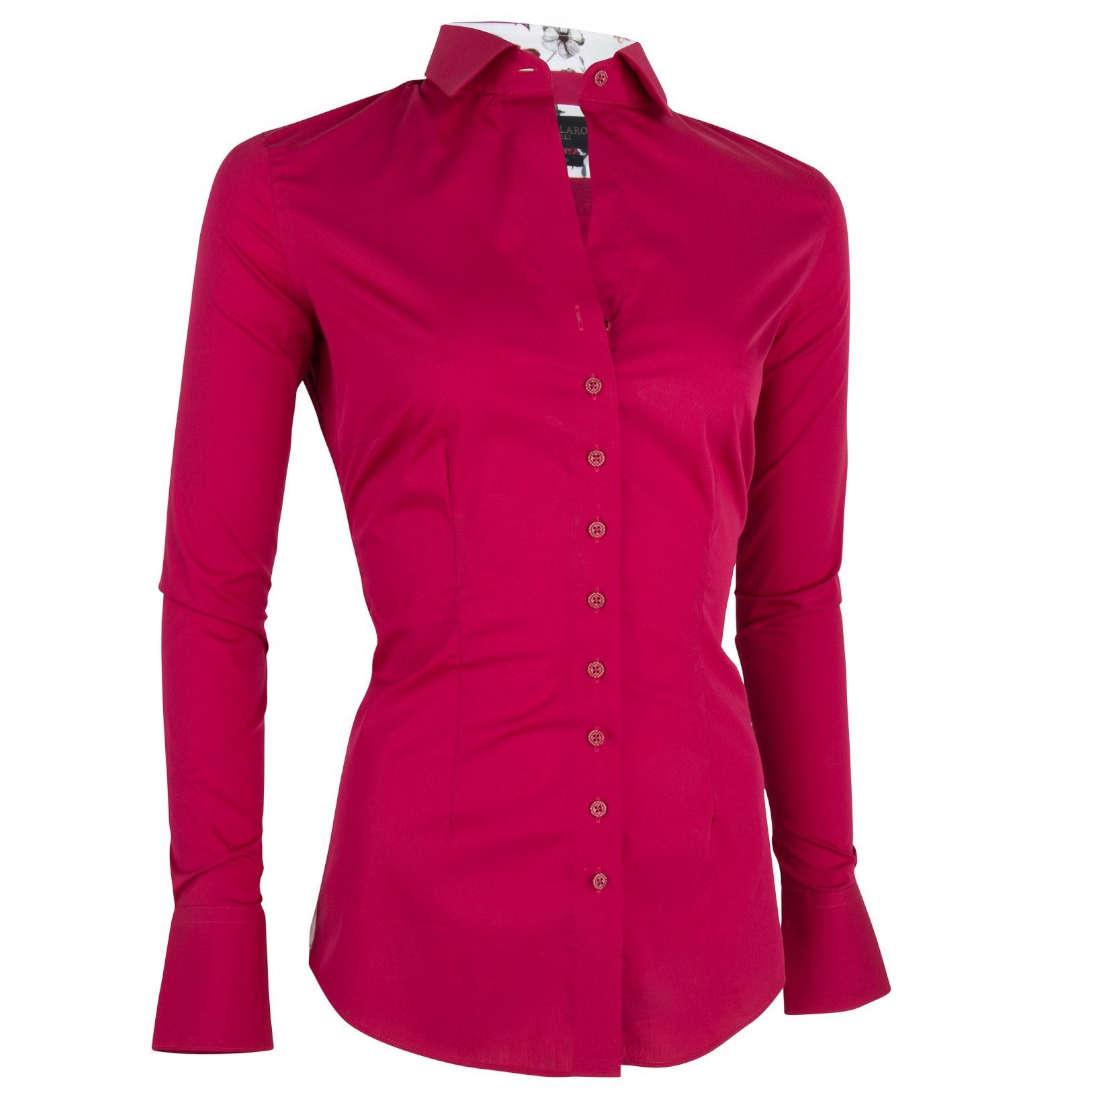 Cavallaro truien 5095005 in het Roze